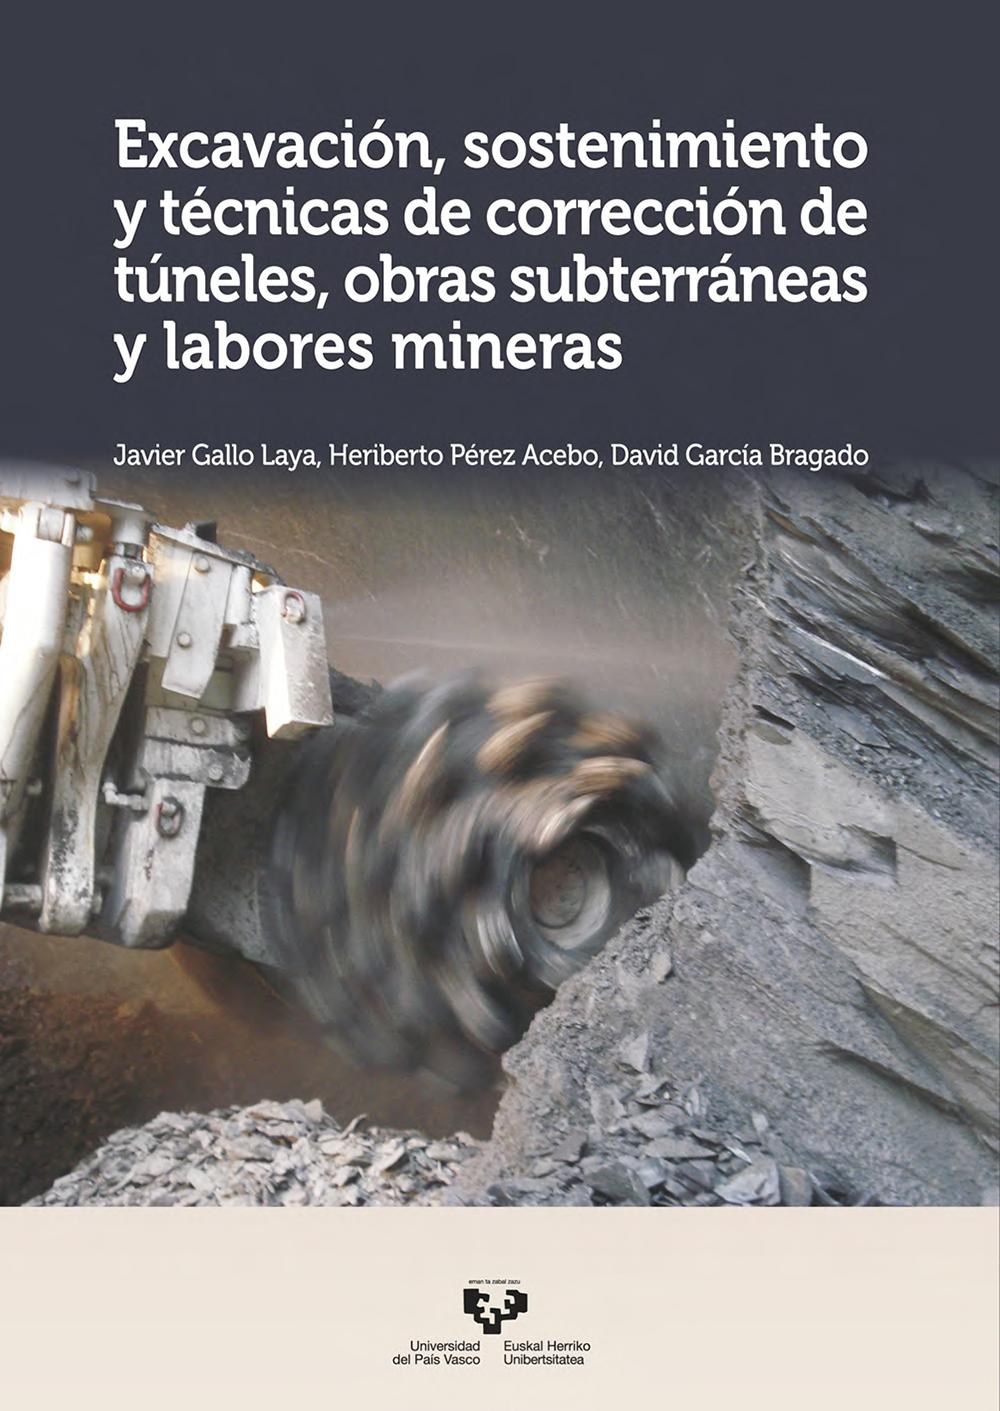 Excavación, sostenimiento y técnicas de corrección de túneles, obras subterráneas y labores mineras